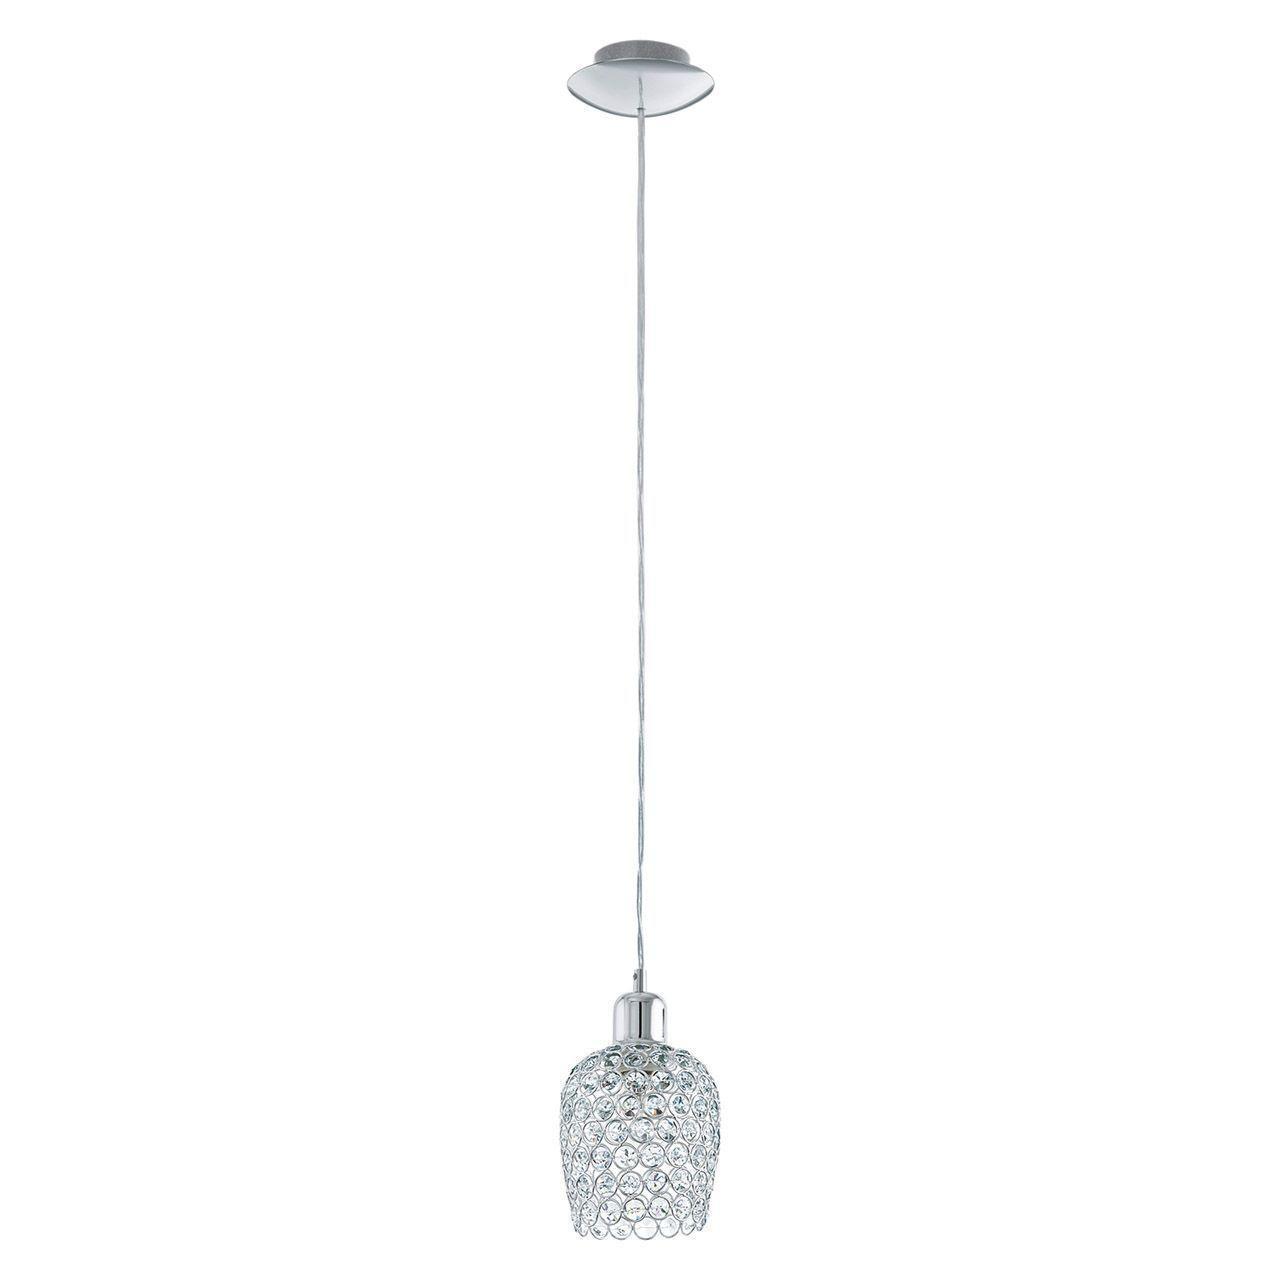 Подвесной светильник Eglo Bonares 1 94896 eglo подвесной светильник eglo bonares 1 94897